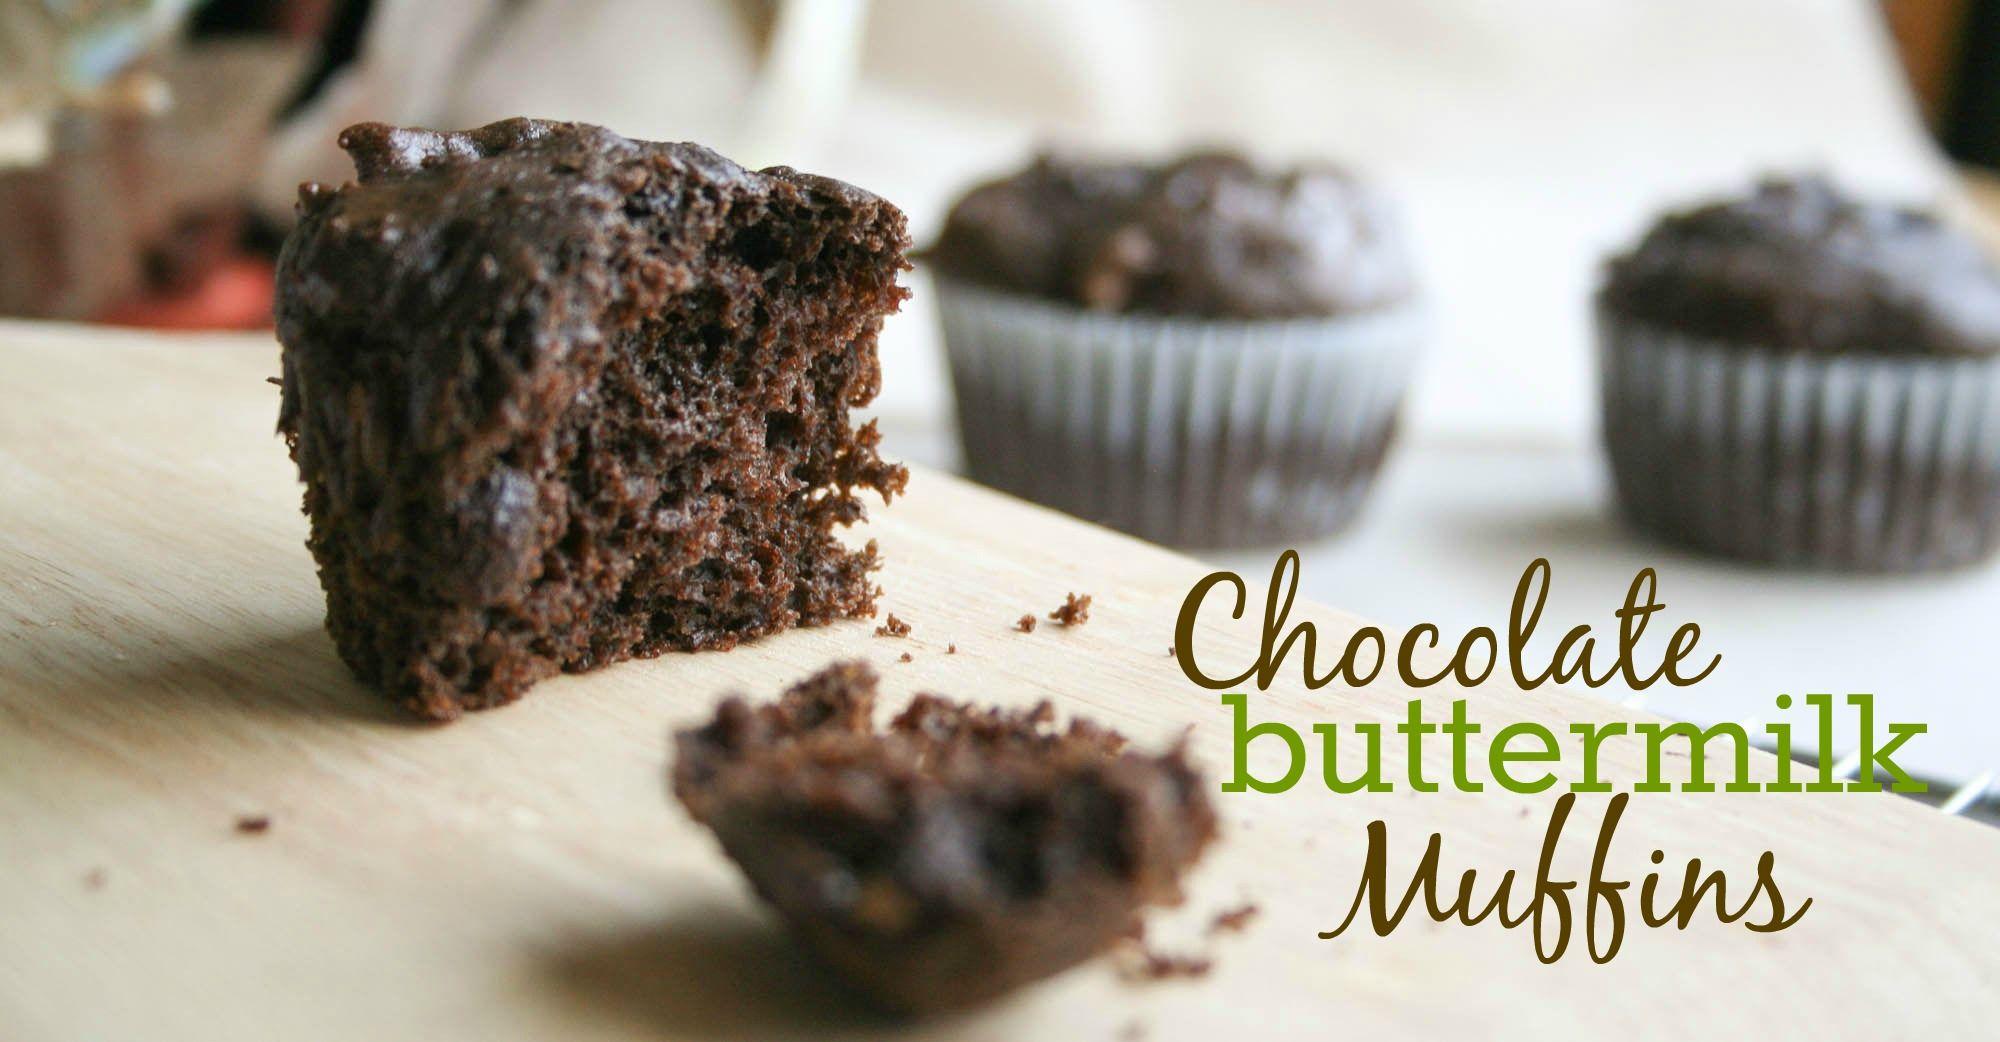 Chocolate Buttermilk Muffins Recipe In 2020 Buttermilk Muffins Buttermilk Recipes Chocolate Muffin Recipe